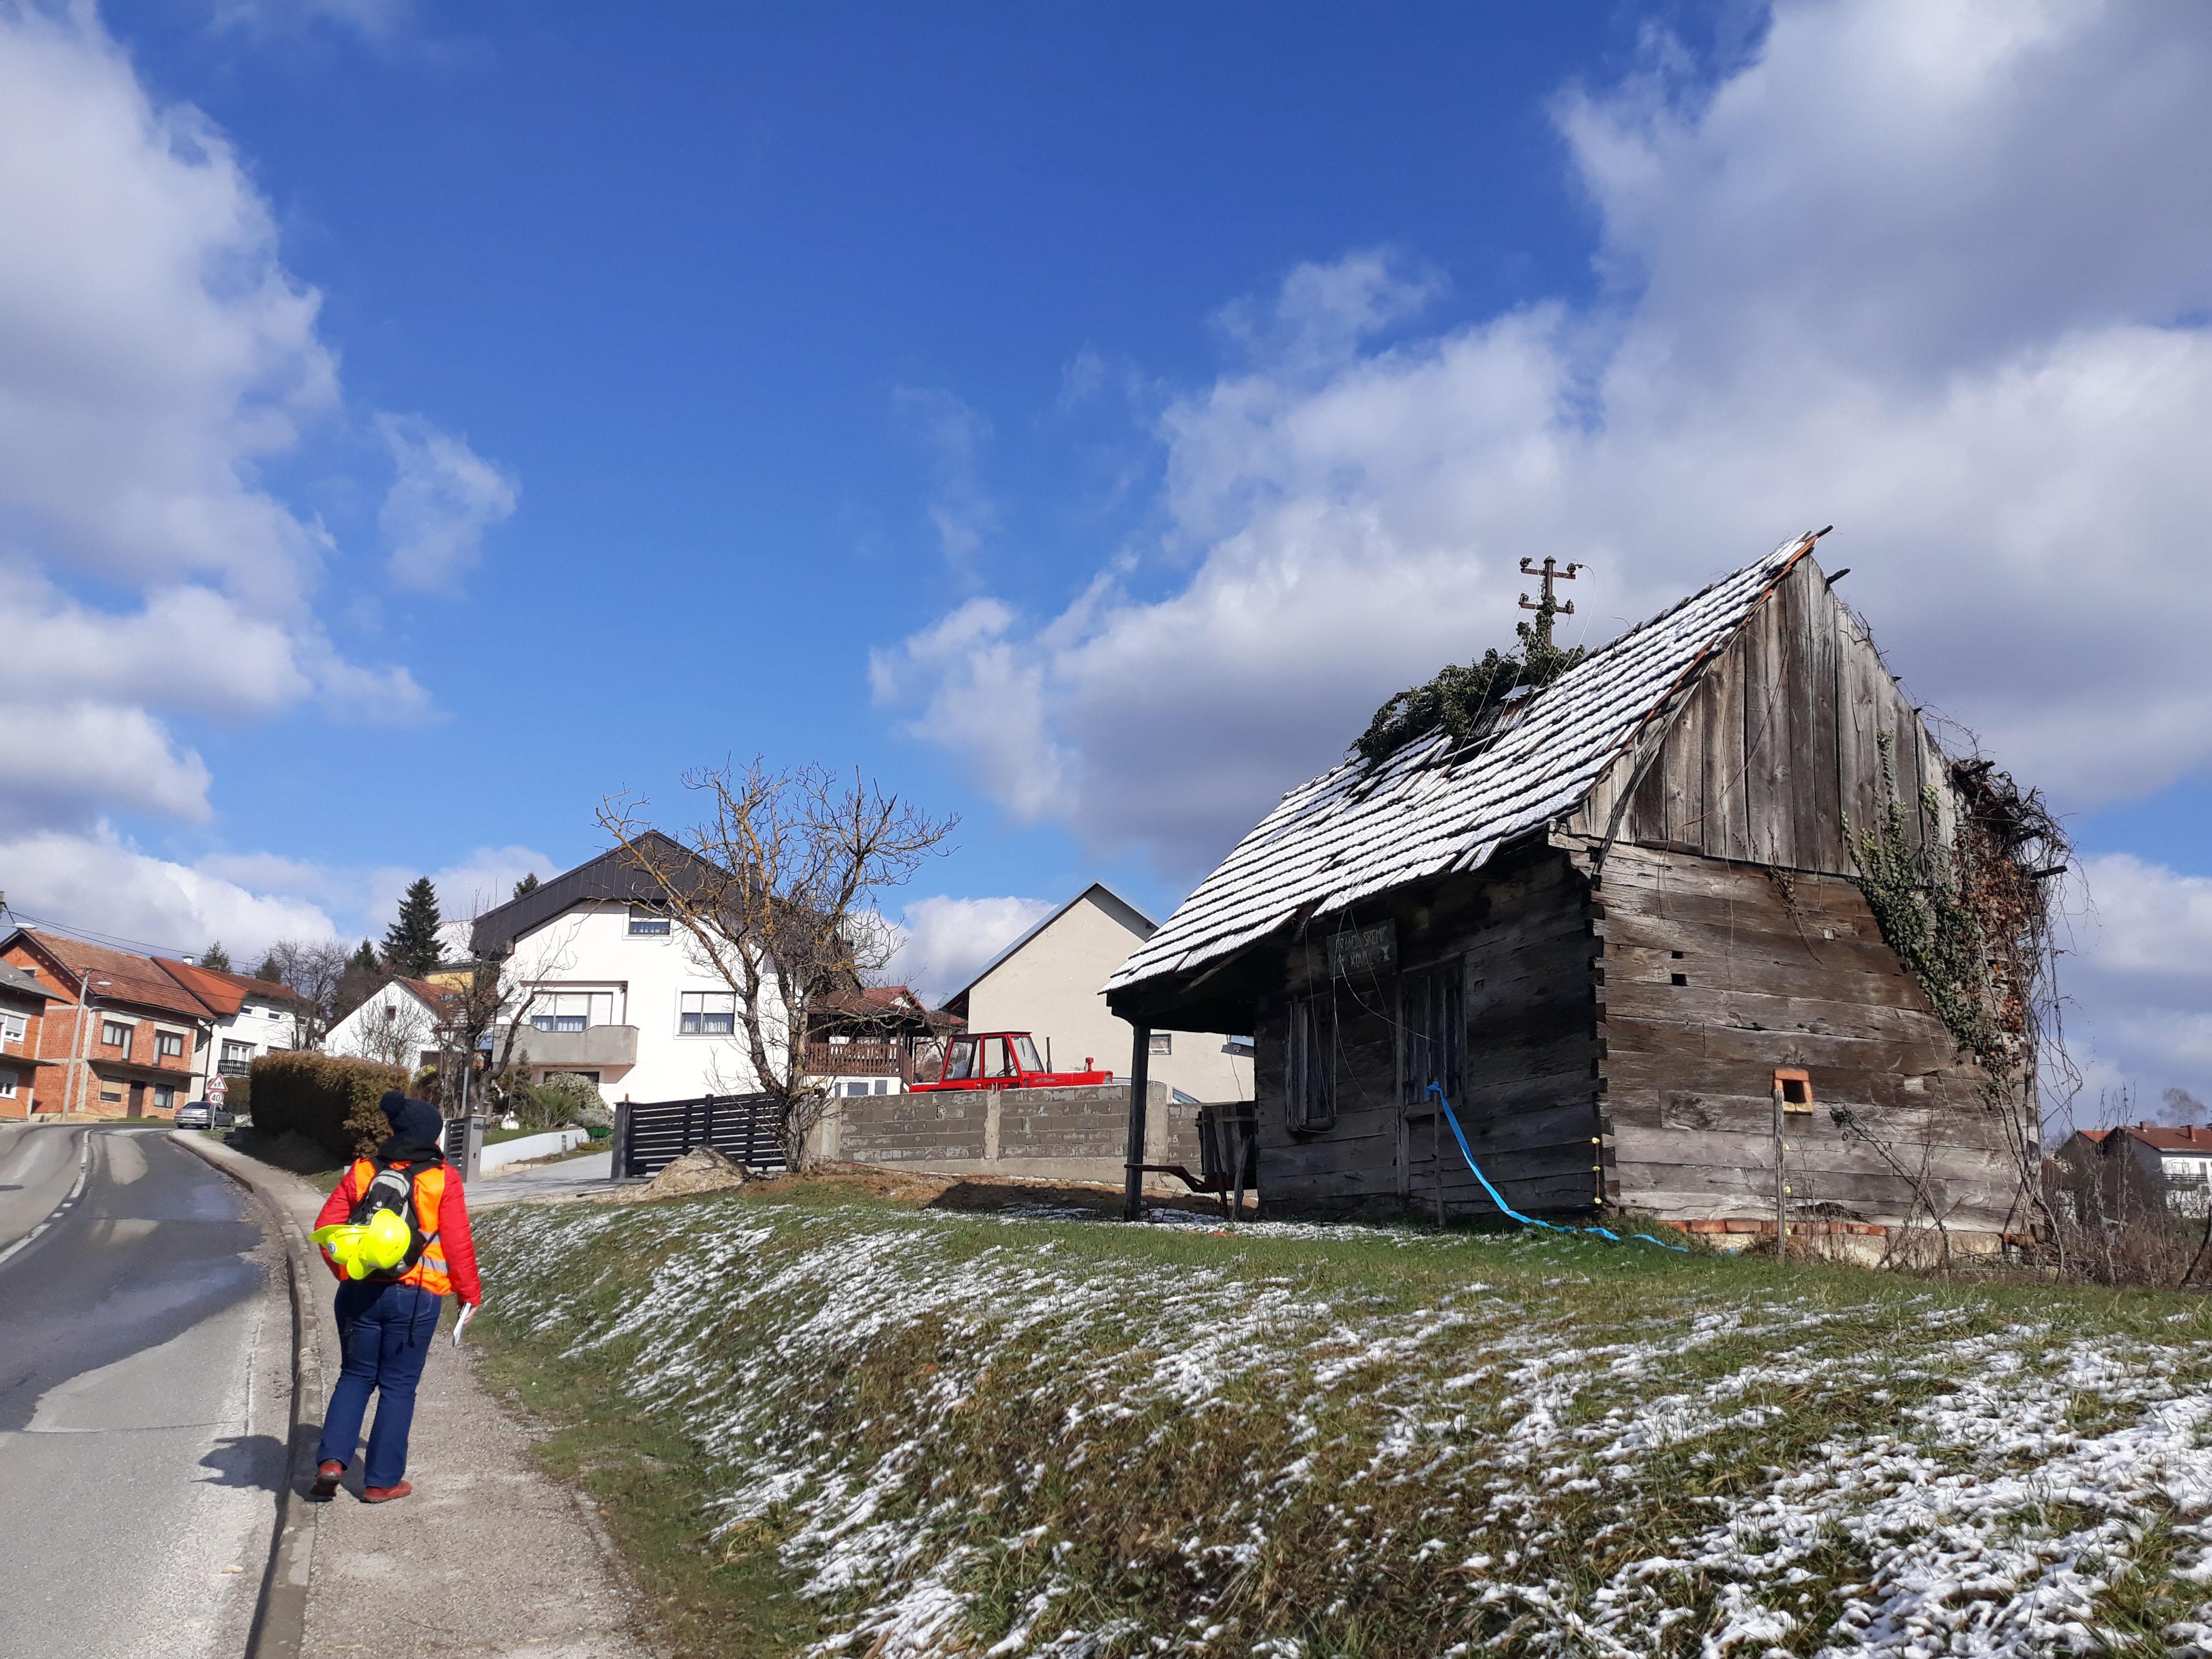 Zavod sudjeluje u pregledu potresom oštećenih zgrada 2